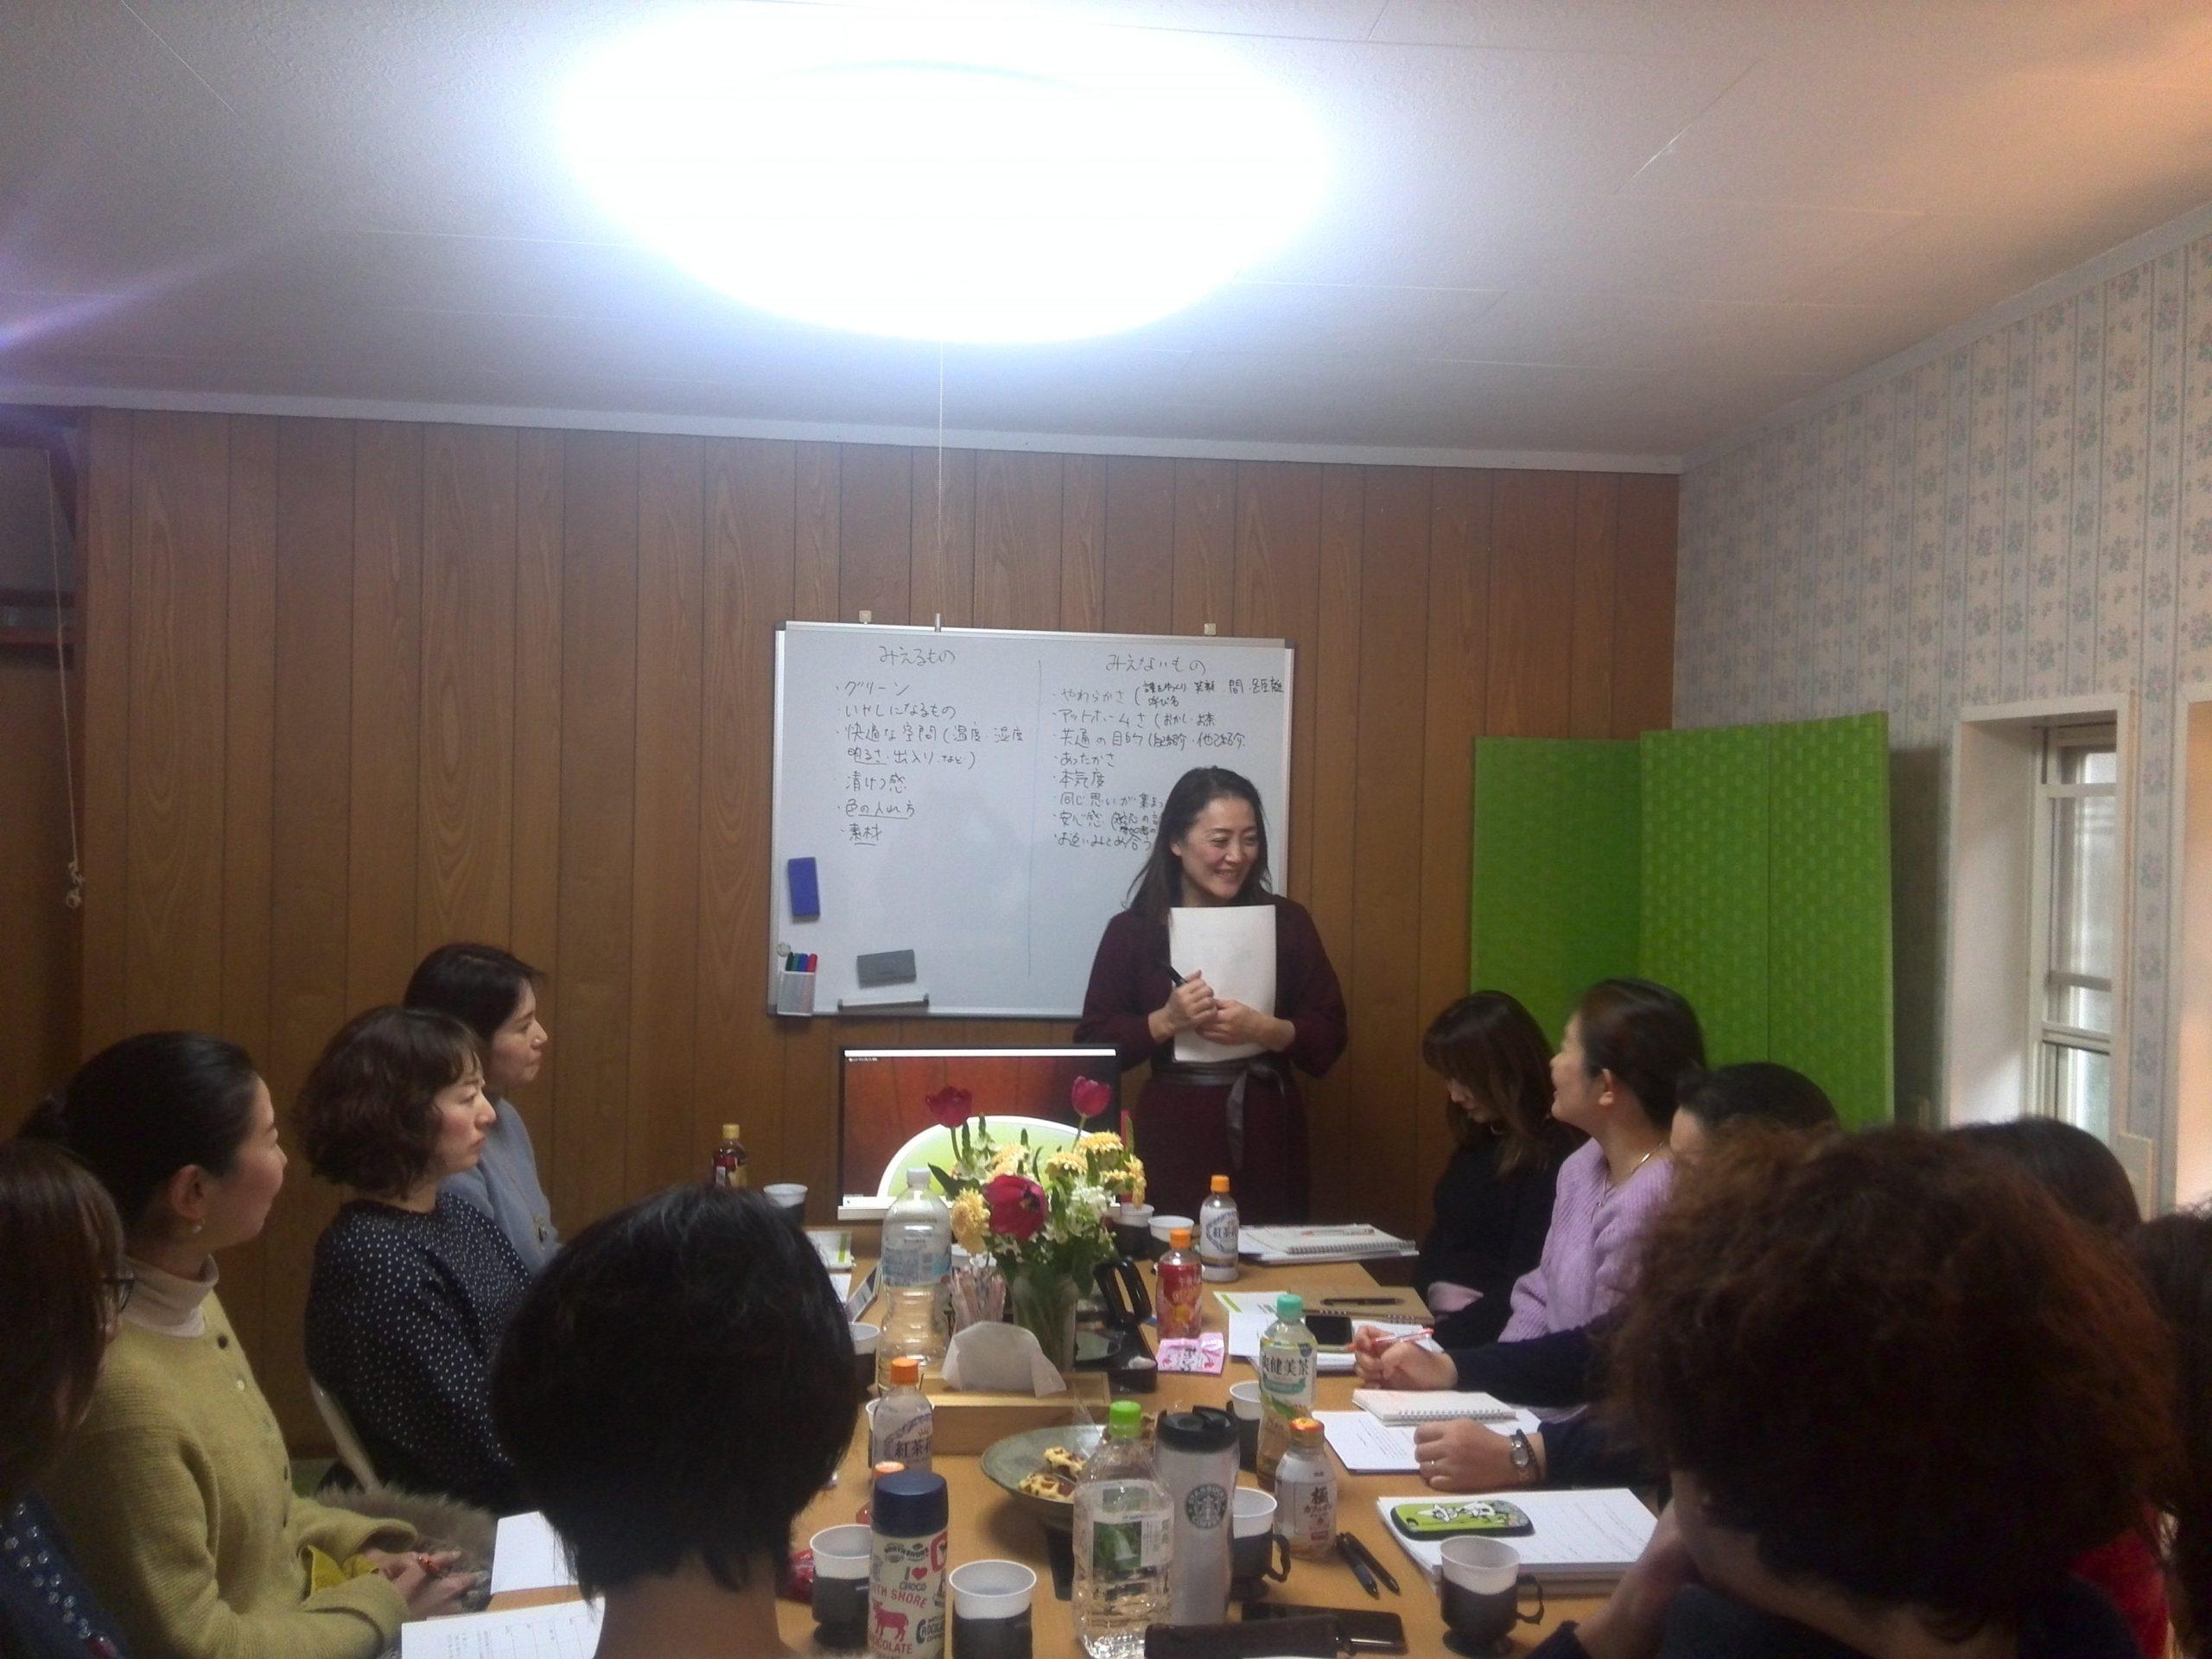 IMG 20110118 182448 scaled - 胎内記憶教育協会、講師養成講座第5期の最終講義